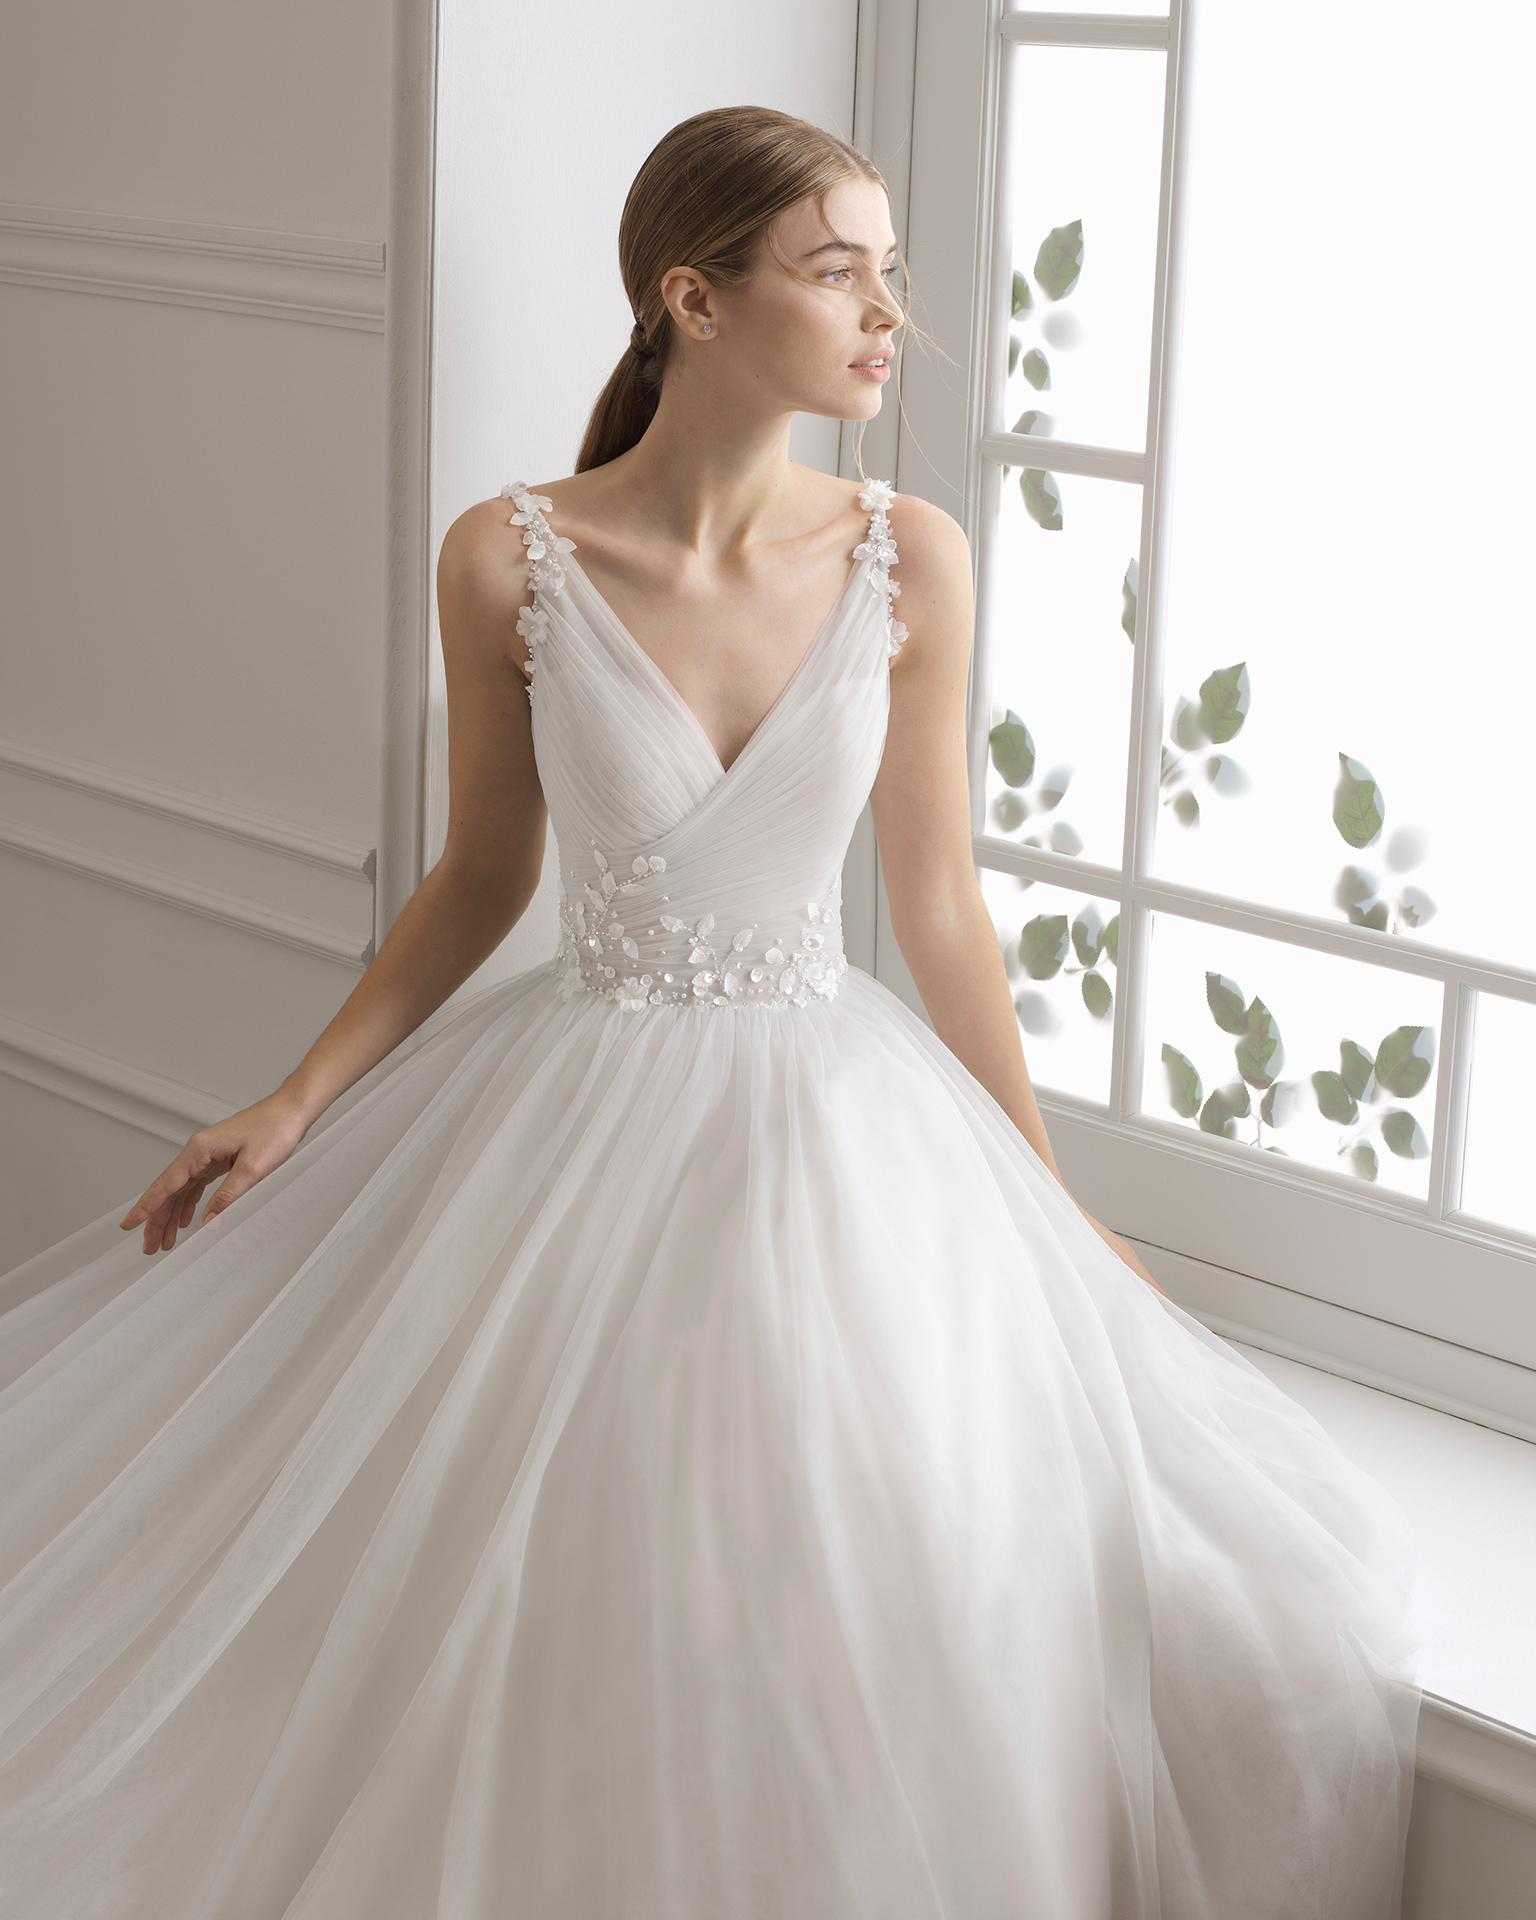 Vestido de novia estilo princesa en tul y pedrería. Escote palabra de honor. Disponible en color hielo, ámbar y natural. Colección AIRE BARCELONA 2019.